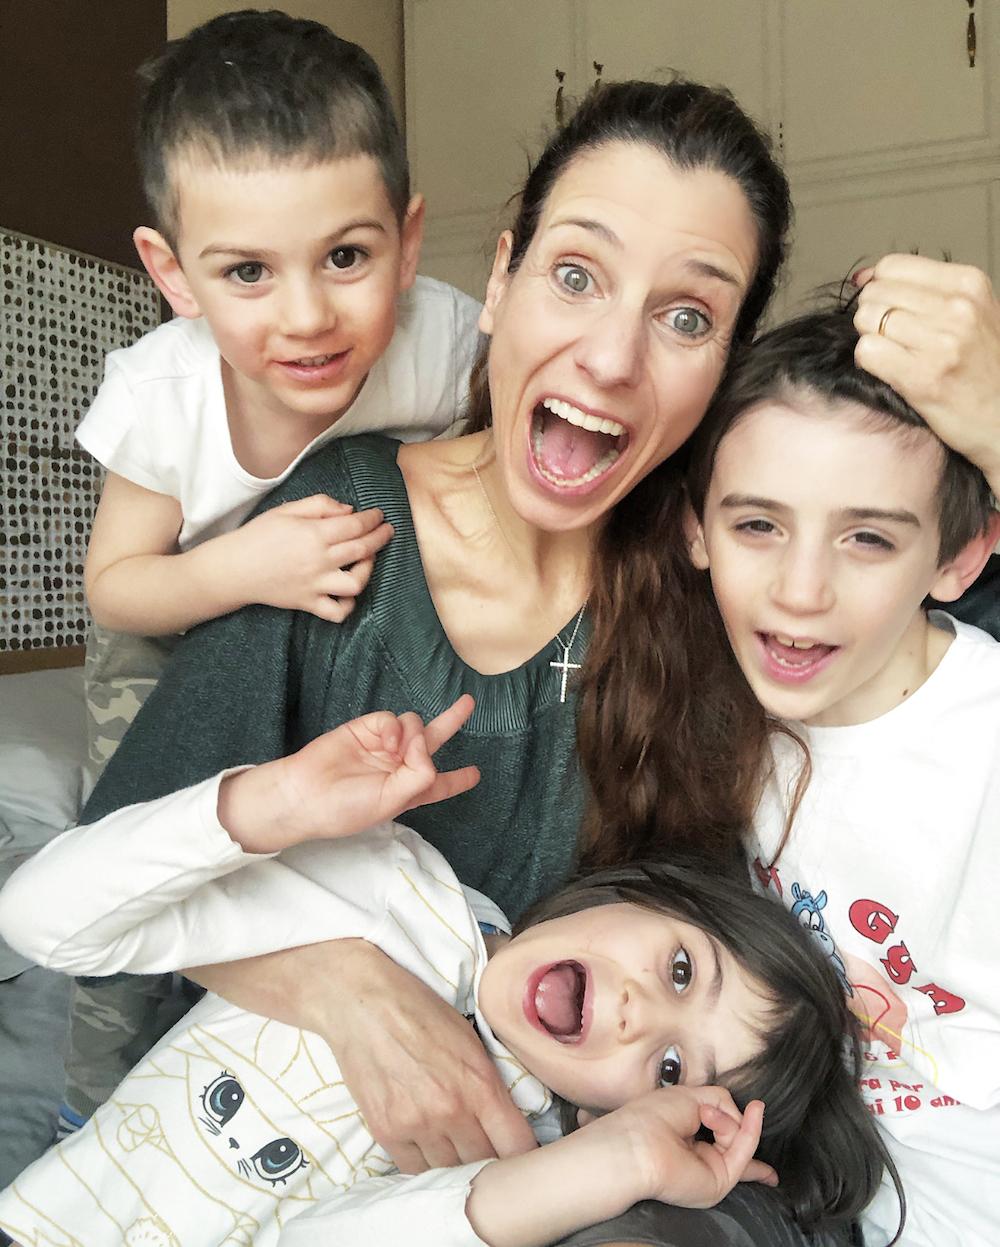 mamma-e-figli-sorridenti